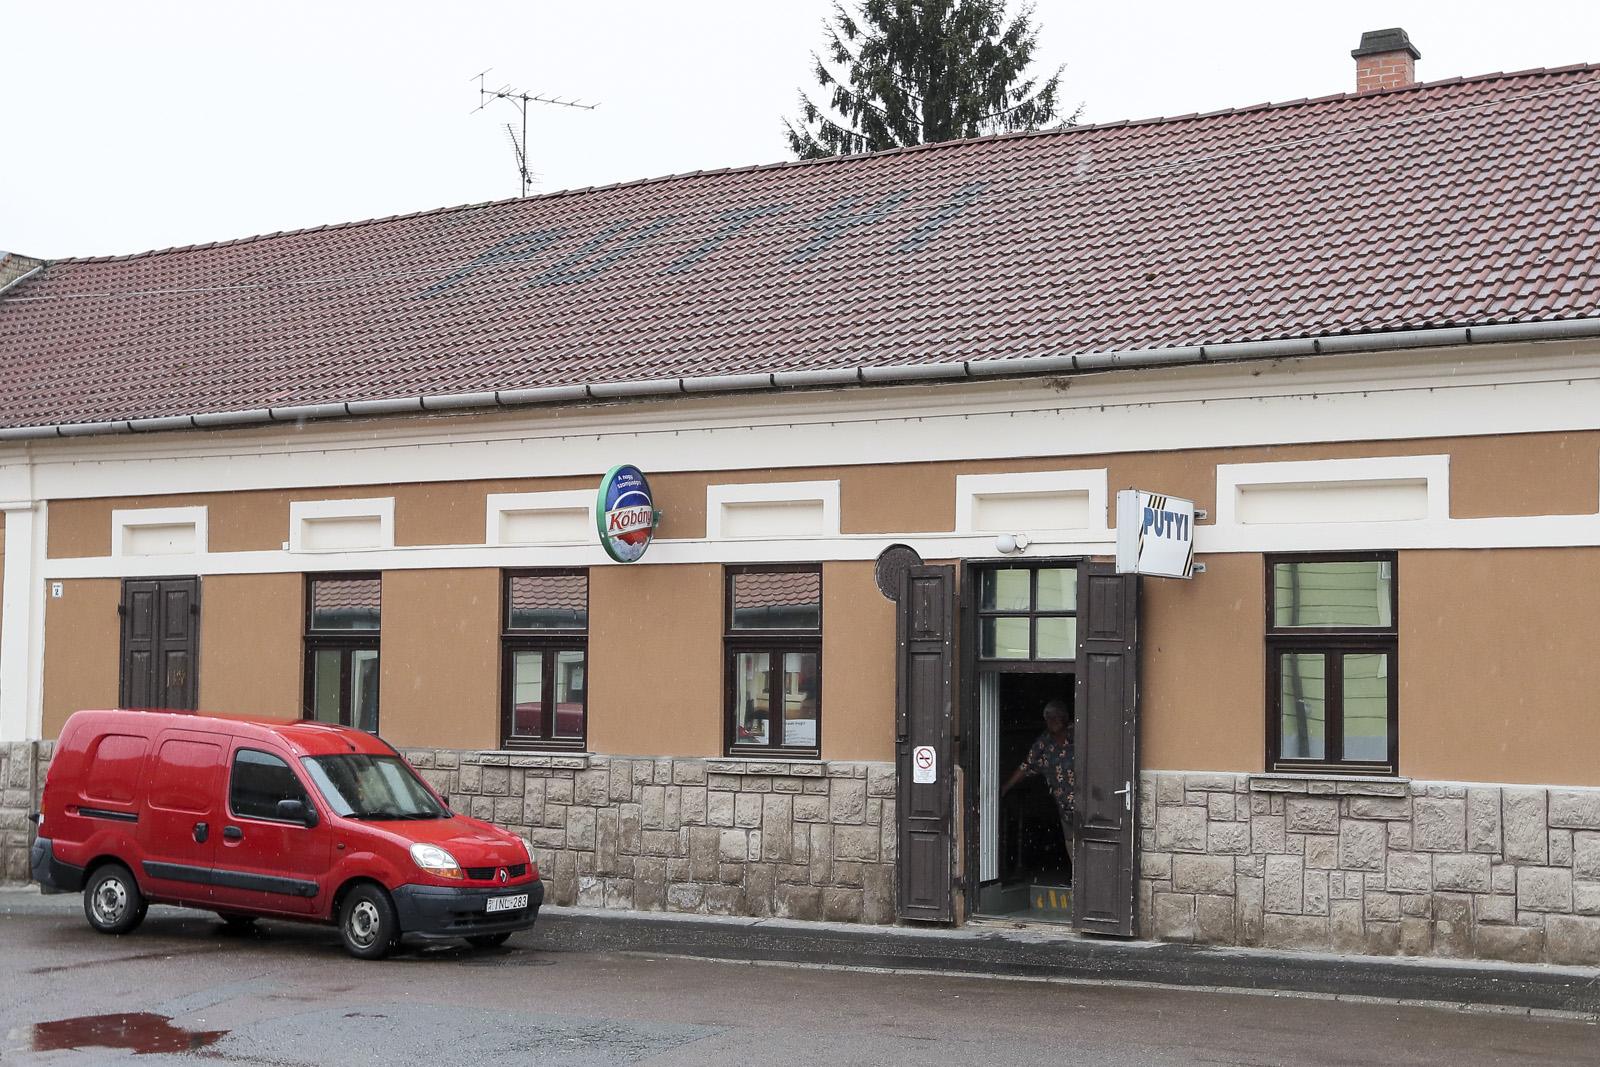 Bezár a Zöld Pecsét és a Putyi kocsmája Egerben - Putyi felirat tetőcserepekből - Kocsmaturista (fotó: egrihirek.hu)